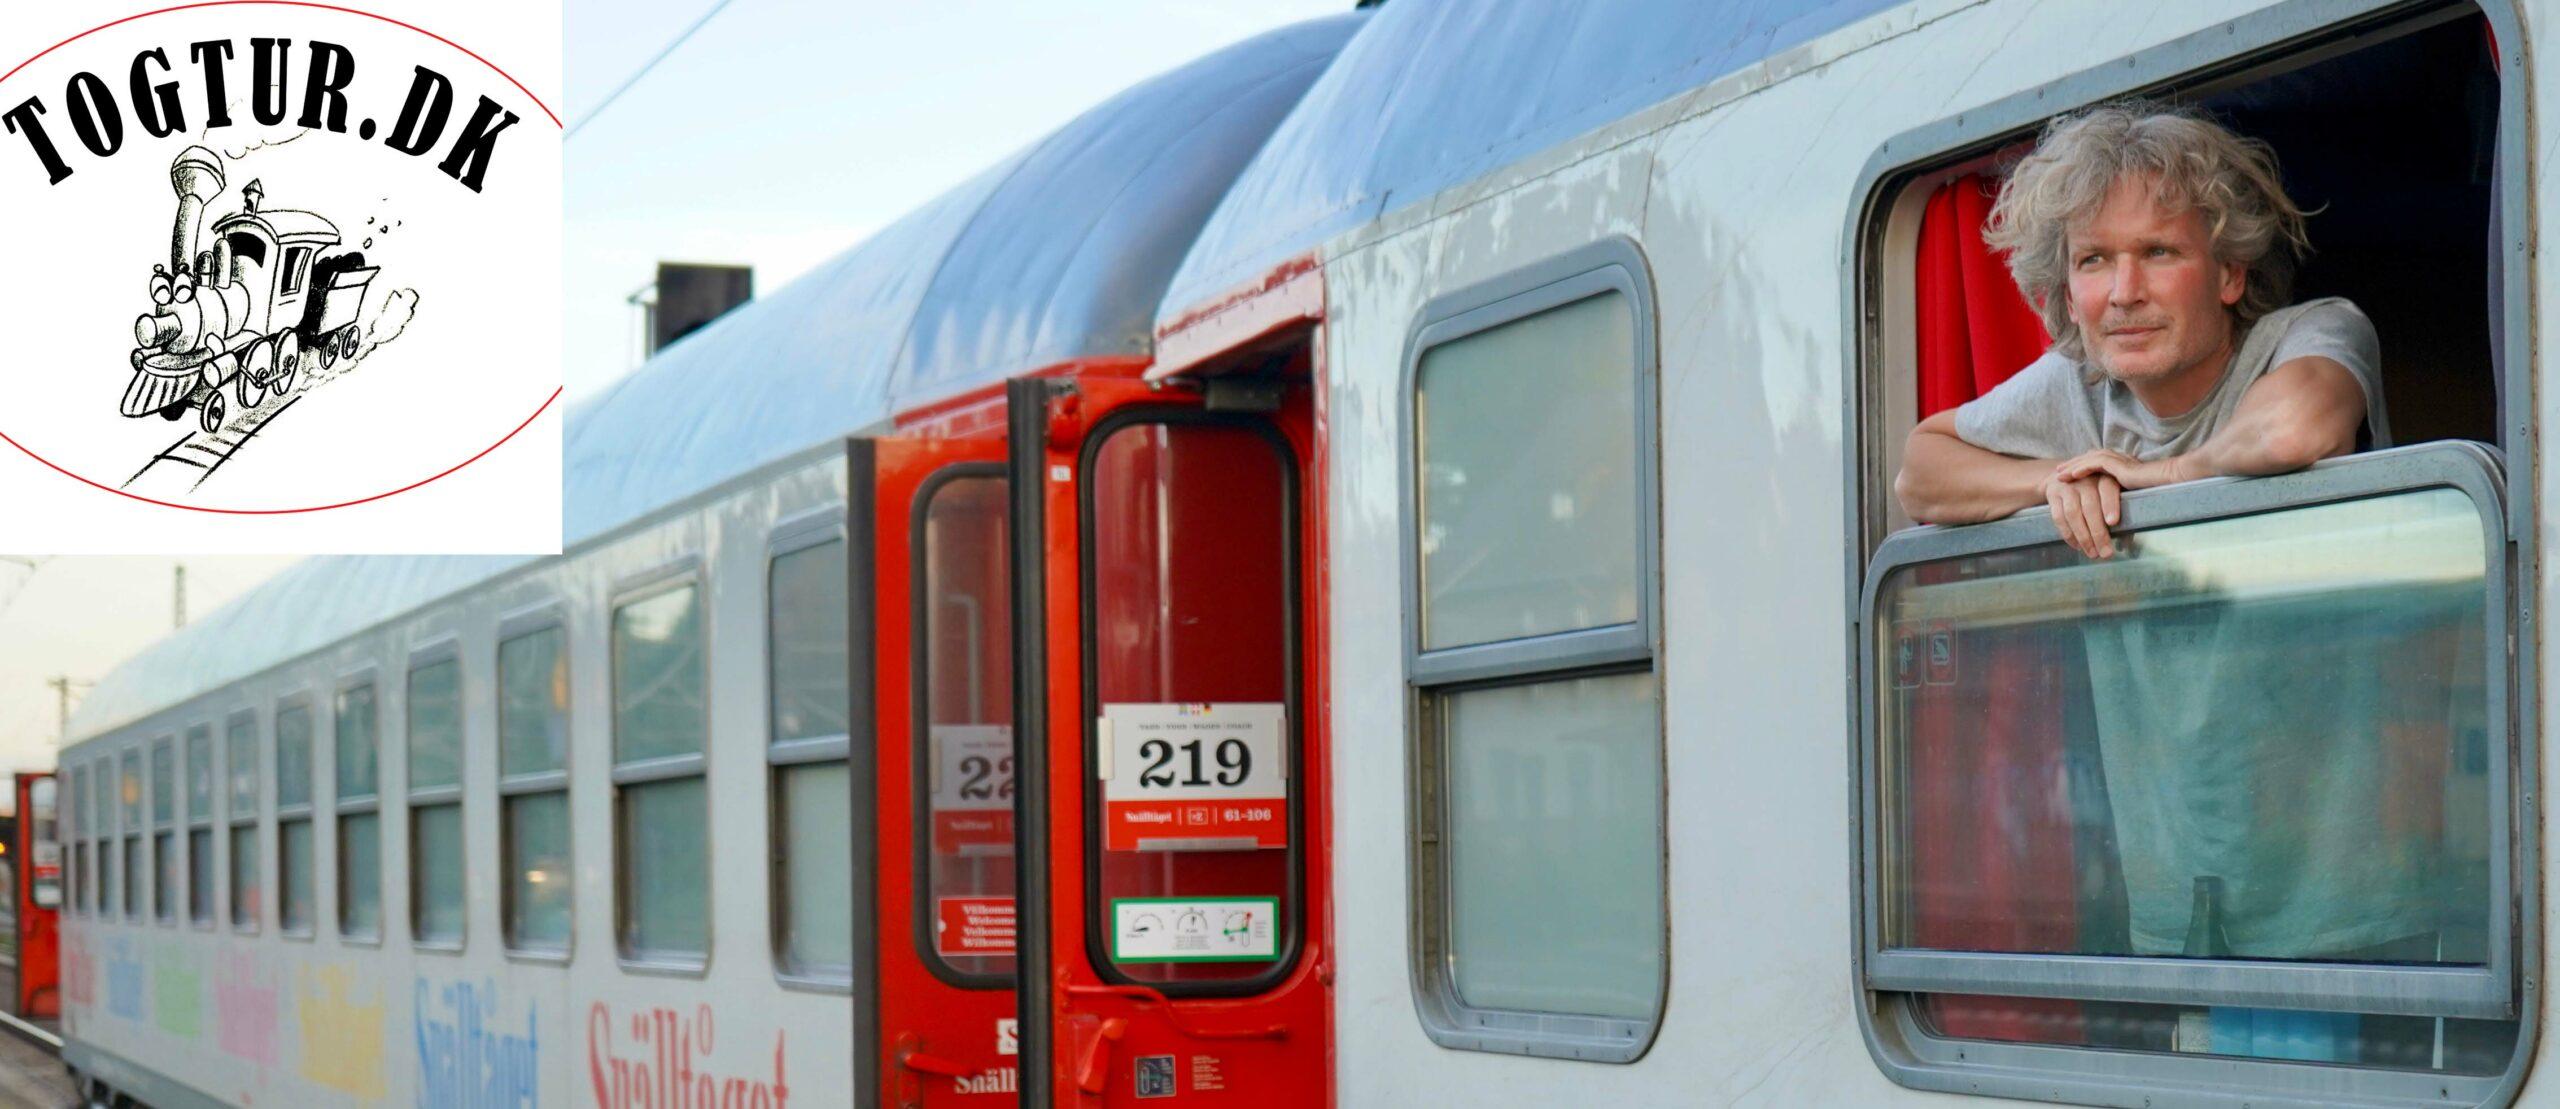 Togtur.dk - eventyrlige togrejser